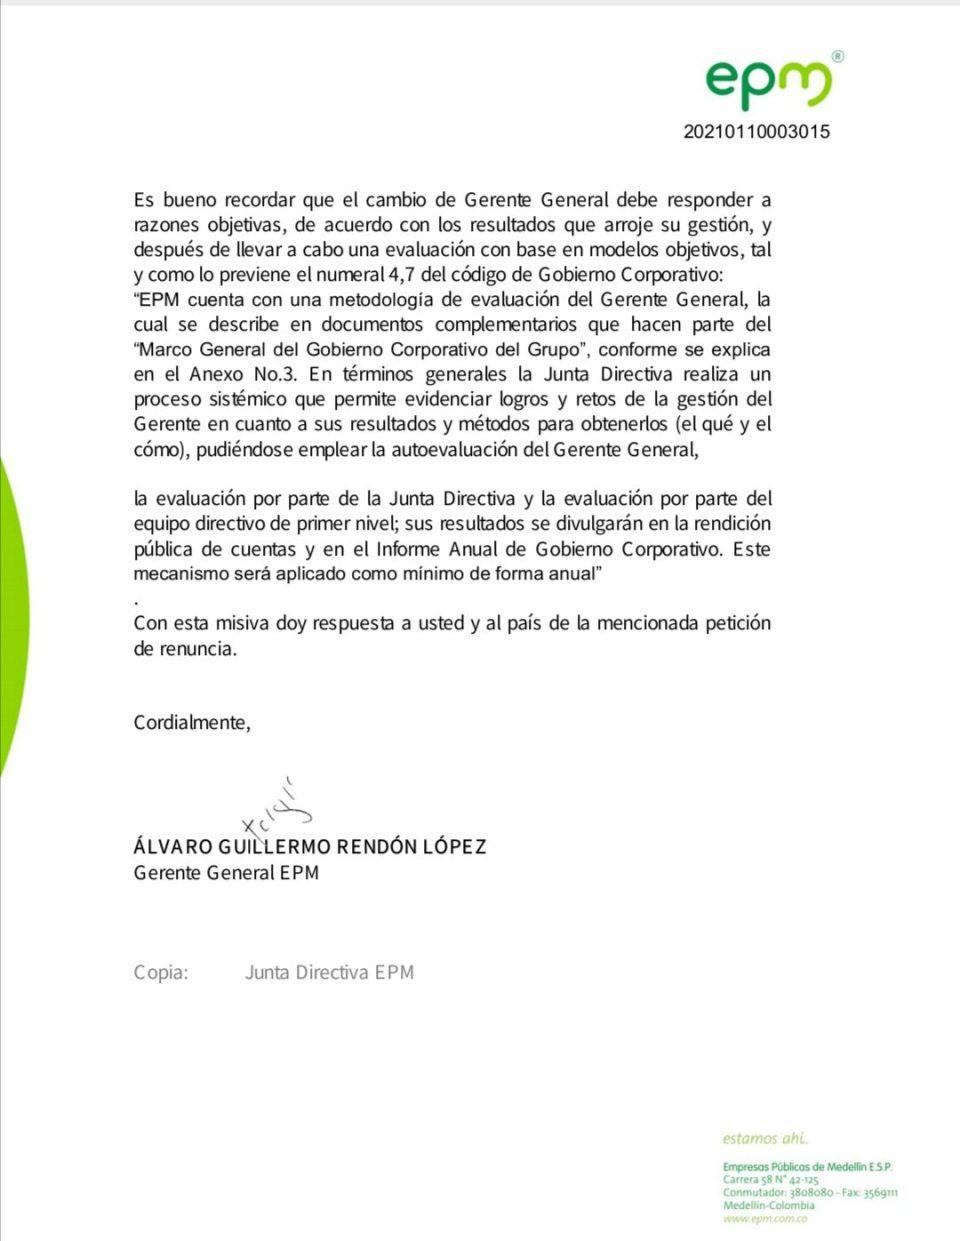 CEO Alvaro Rendón Dares Medellín Mayor Daniel Quintero To Fire Him